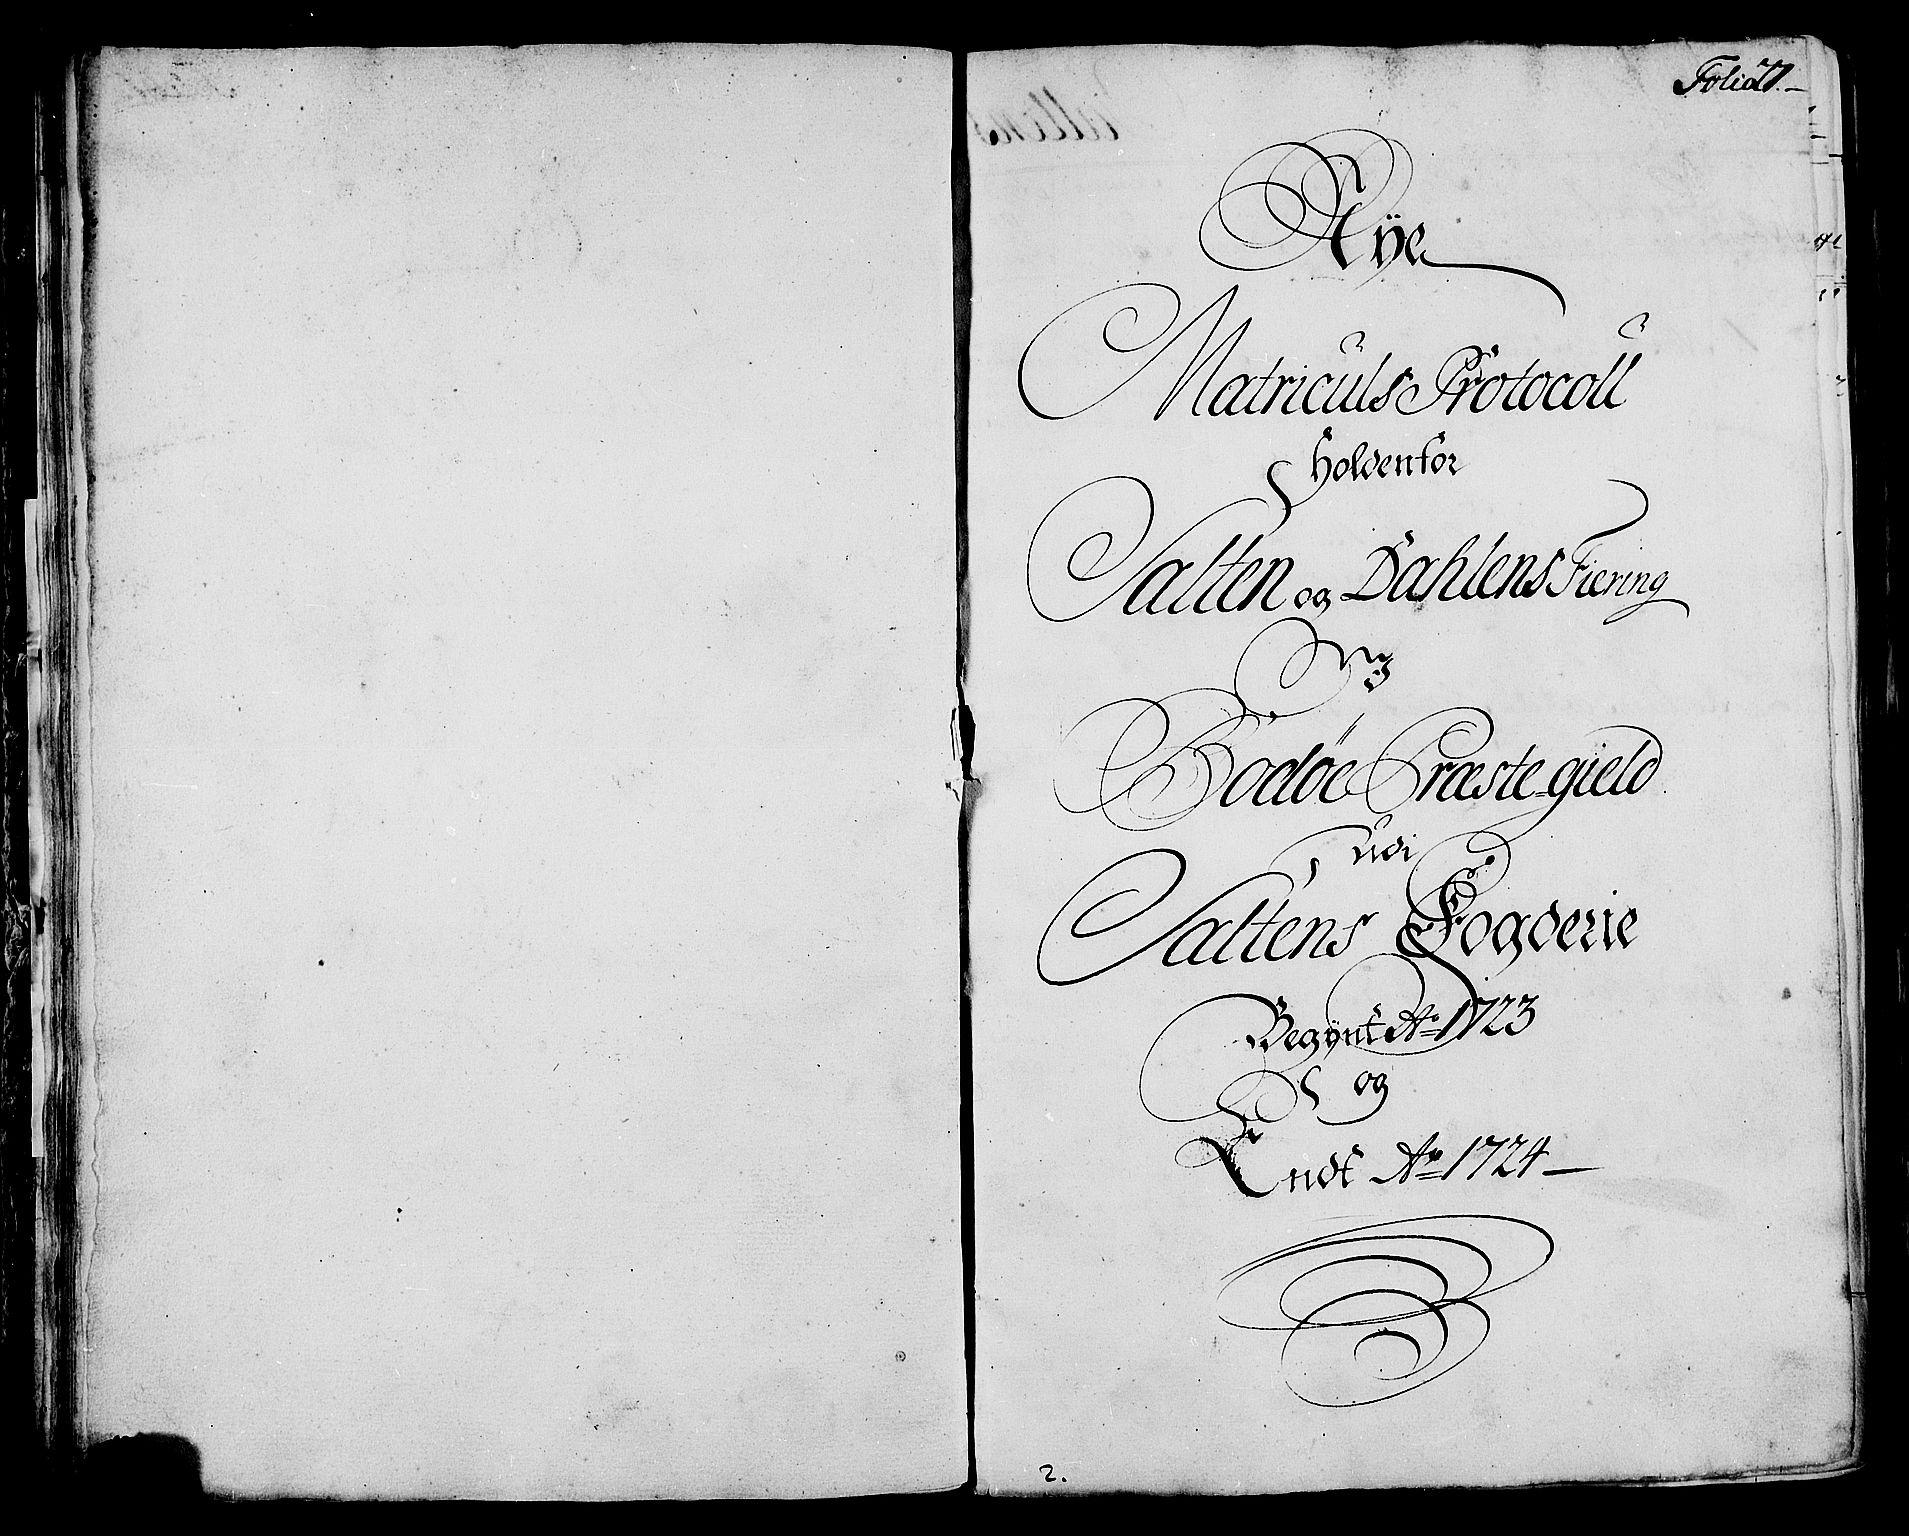 RA, Rentekammeret inntil 1814, Realistisk ordnet avdeling, N/Nb/Nbf/L0172: Salten eksaminasjonsprotokoll, 1723, s. 26b-27a